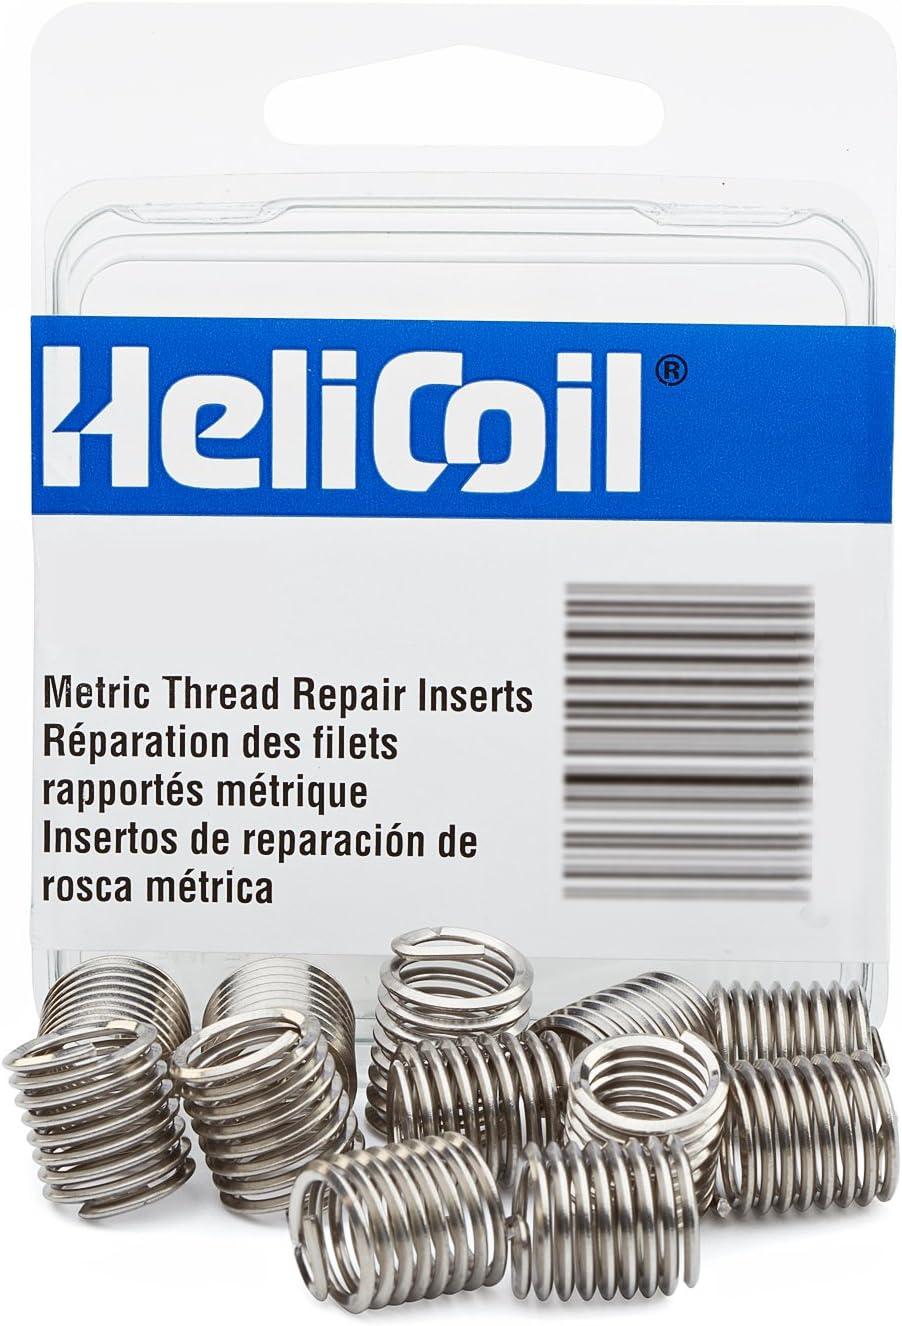 Heli-Coil R108410 M10X1.5 Pk Inserts Max 84% OFF 12 Tulsa Mall